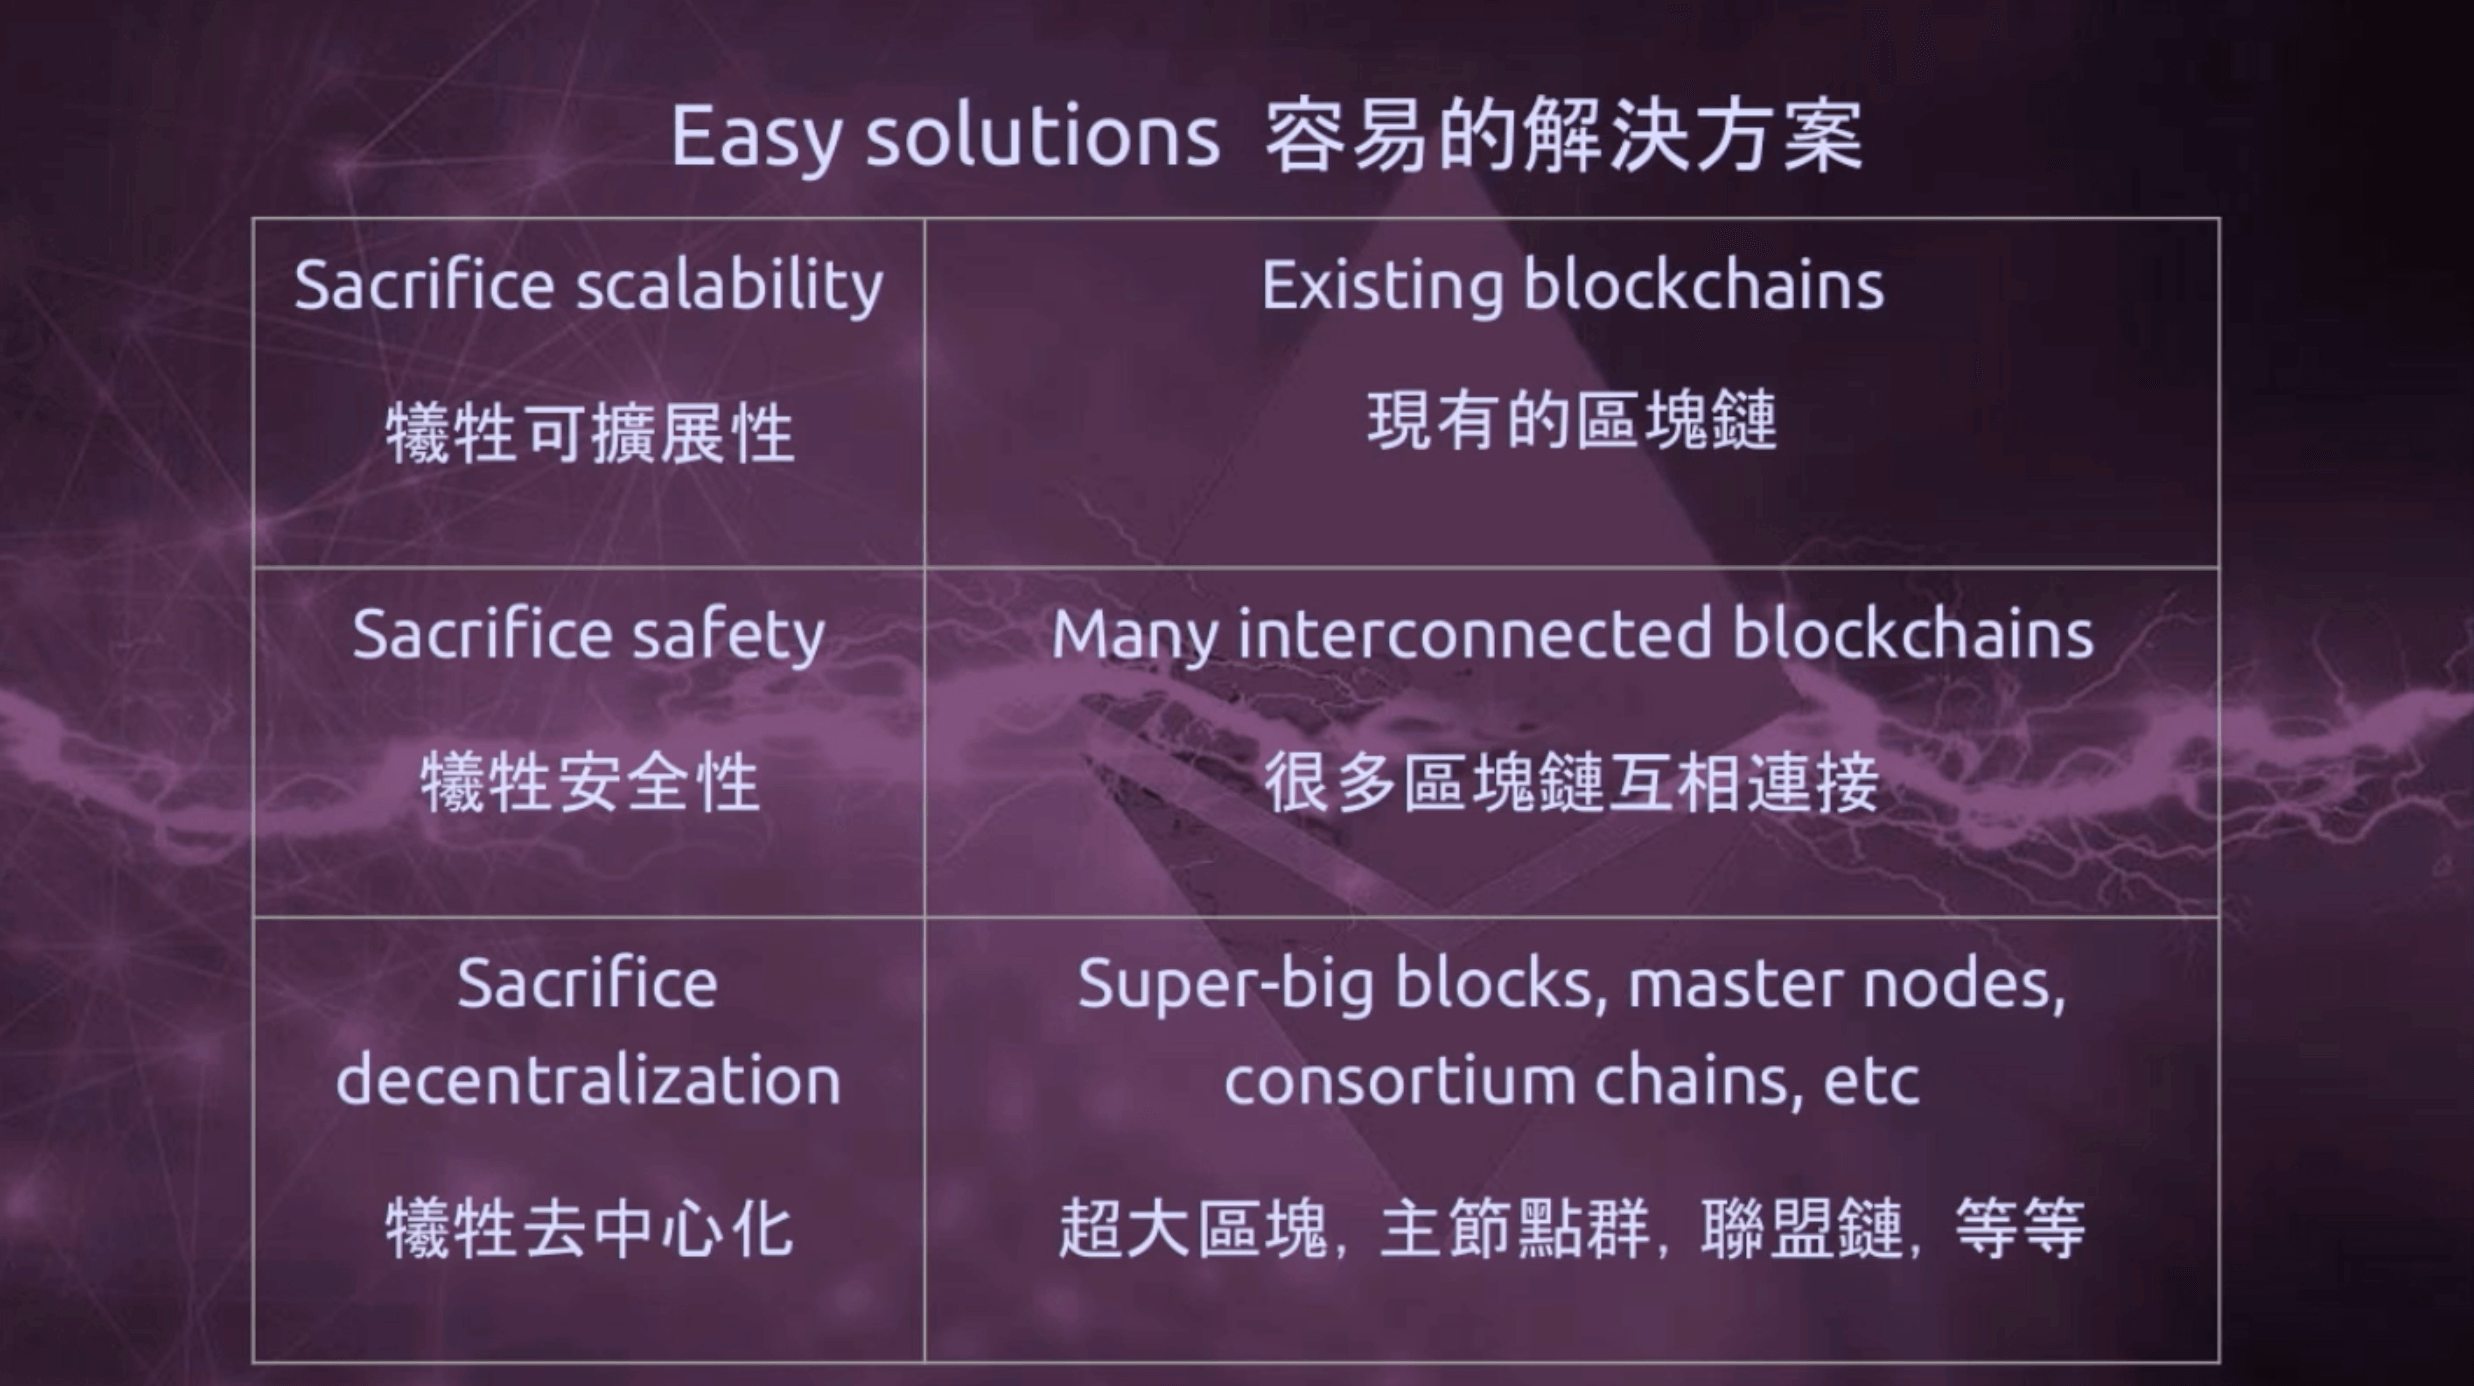 以太坊创办人Vitalik 分享「Ethereum 2.0」将有重大架构革新